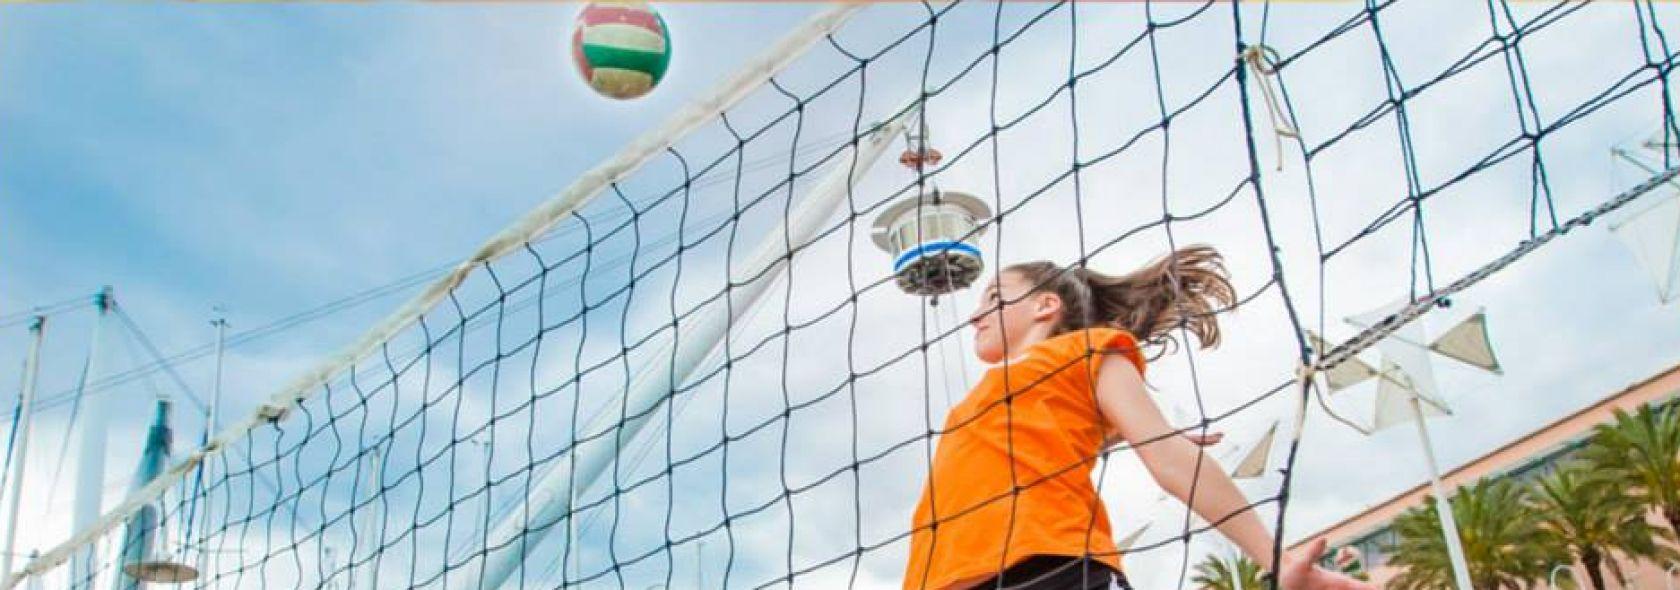 Una partita di pallavolo alla Festa dello Sport